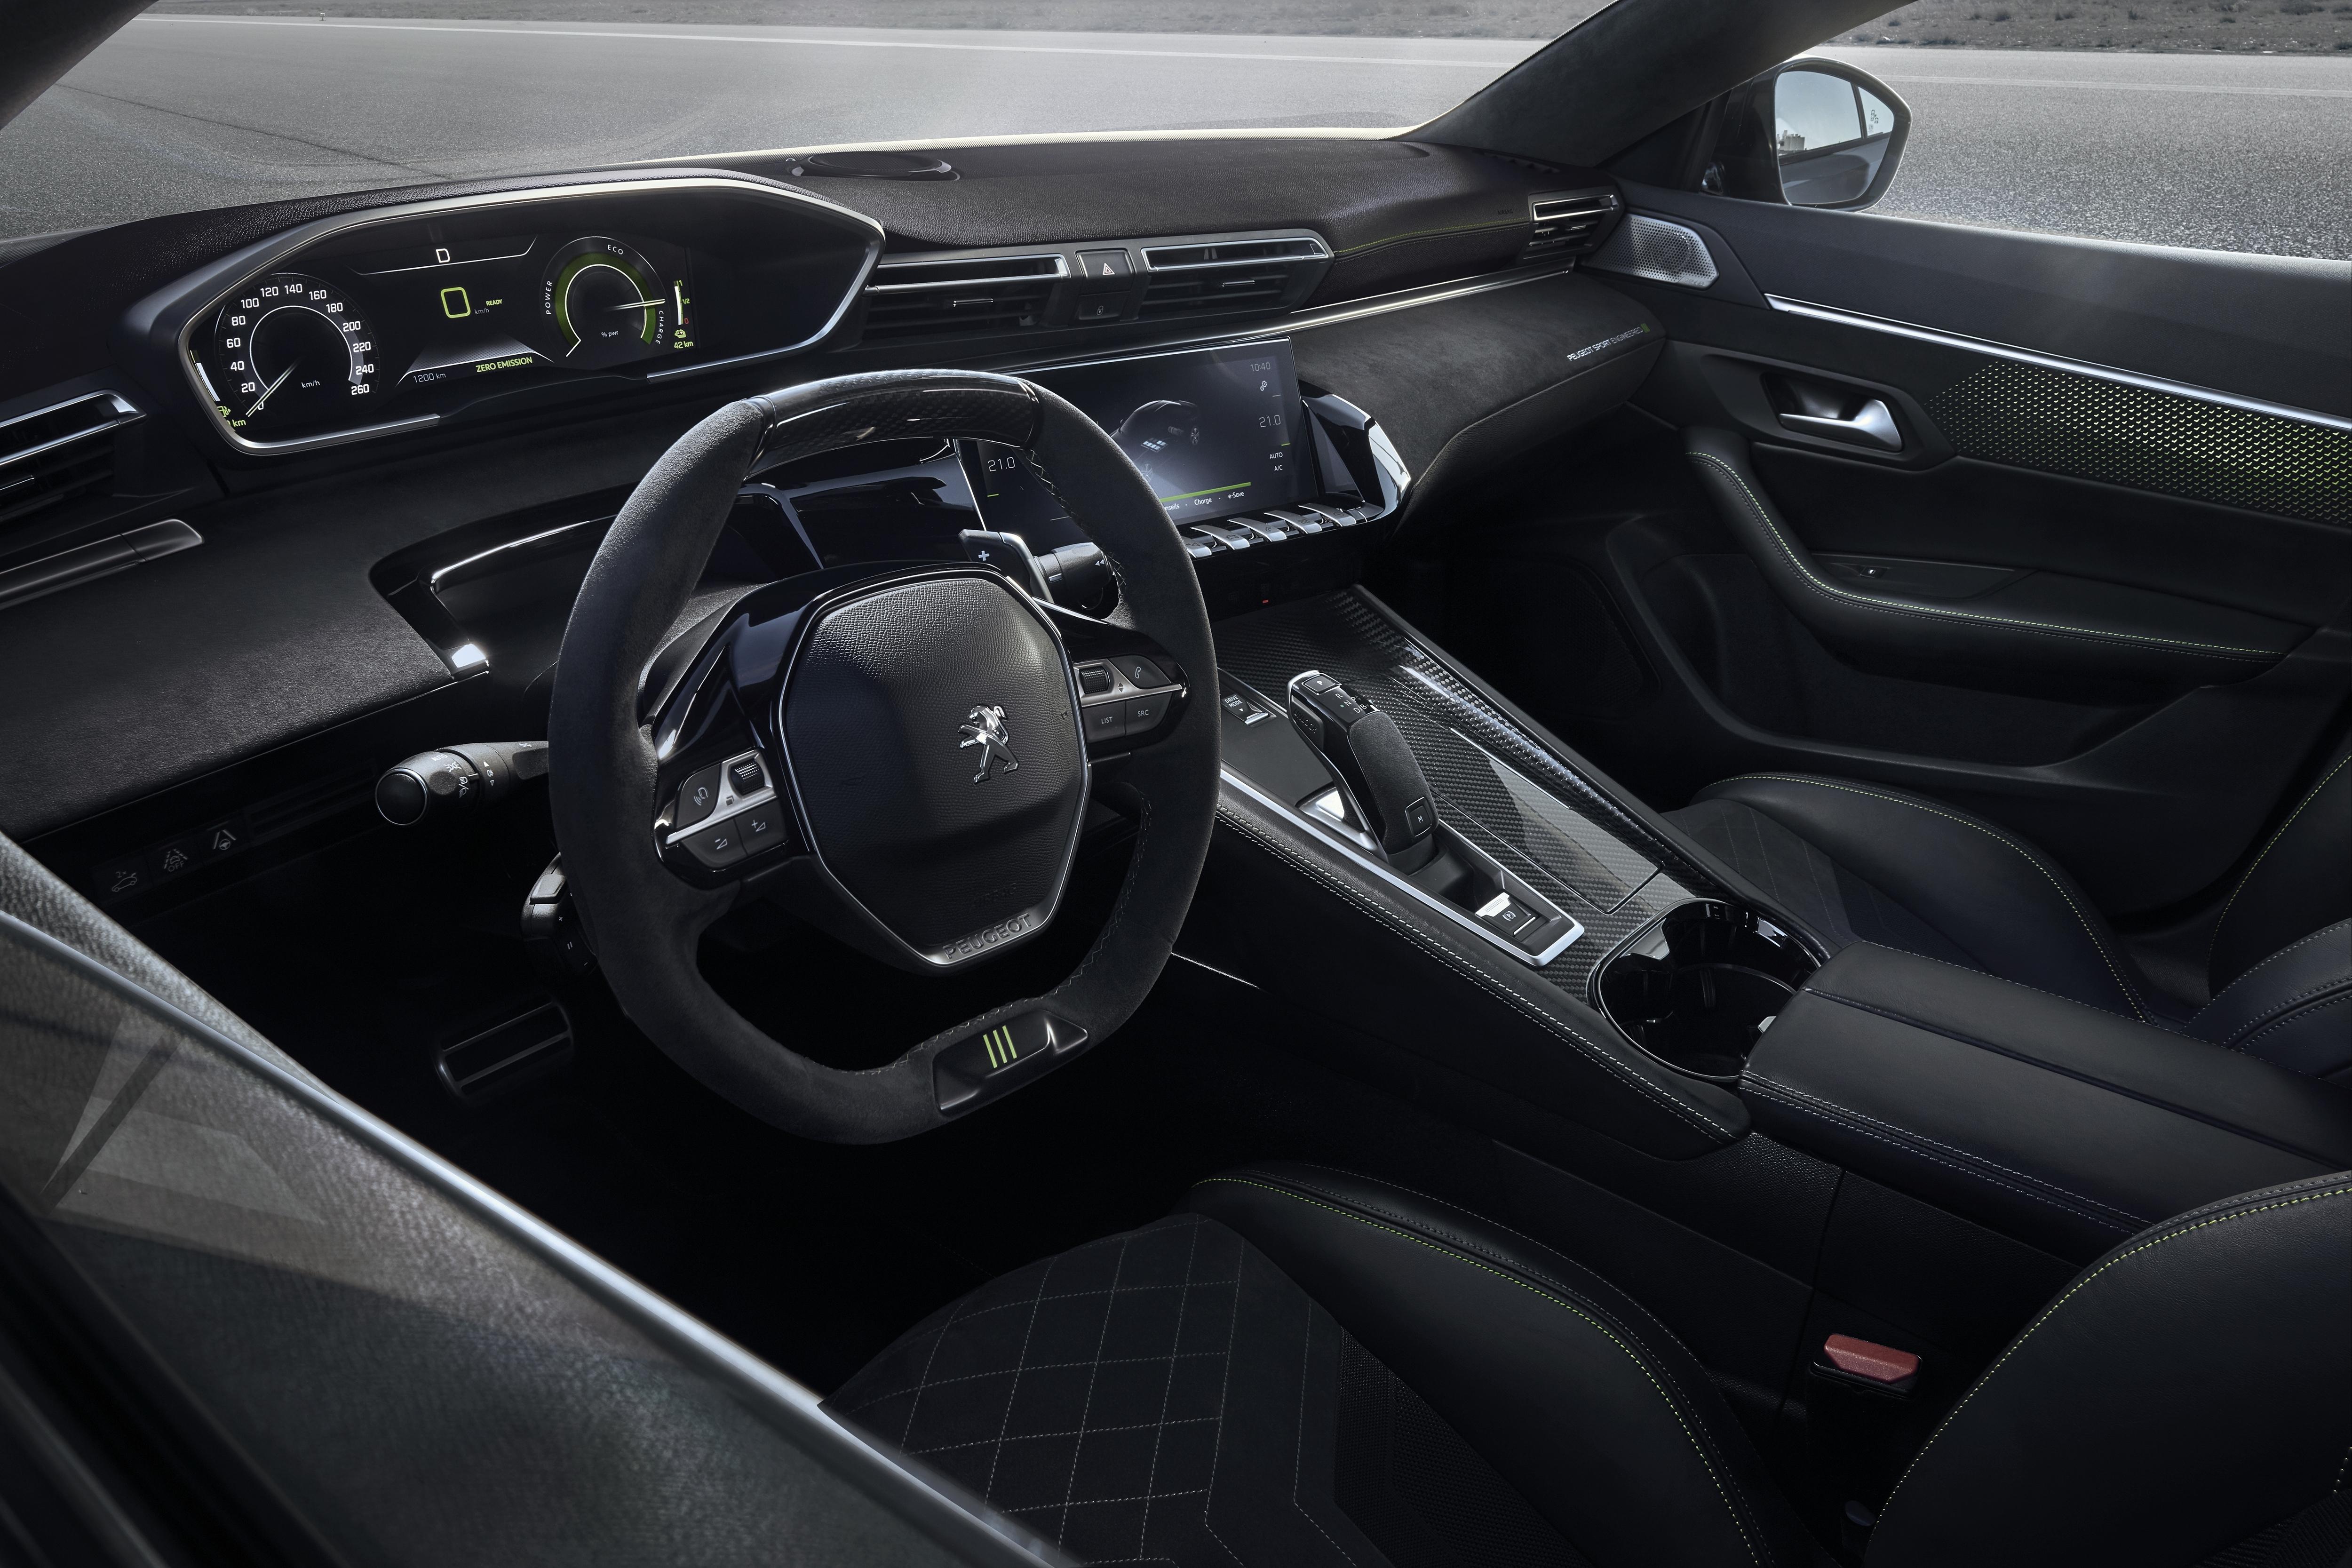 Meilleur Voiture Hybride >> Salon de Genève 2019 - Peugeot dévoile une 508 hybride ...